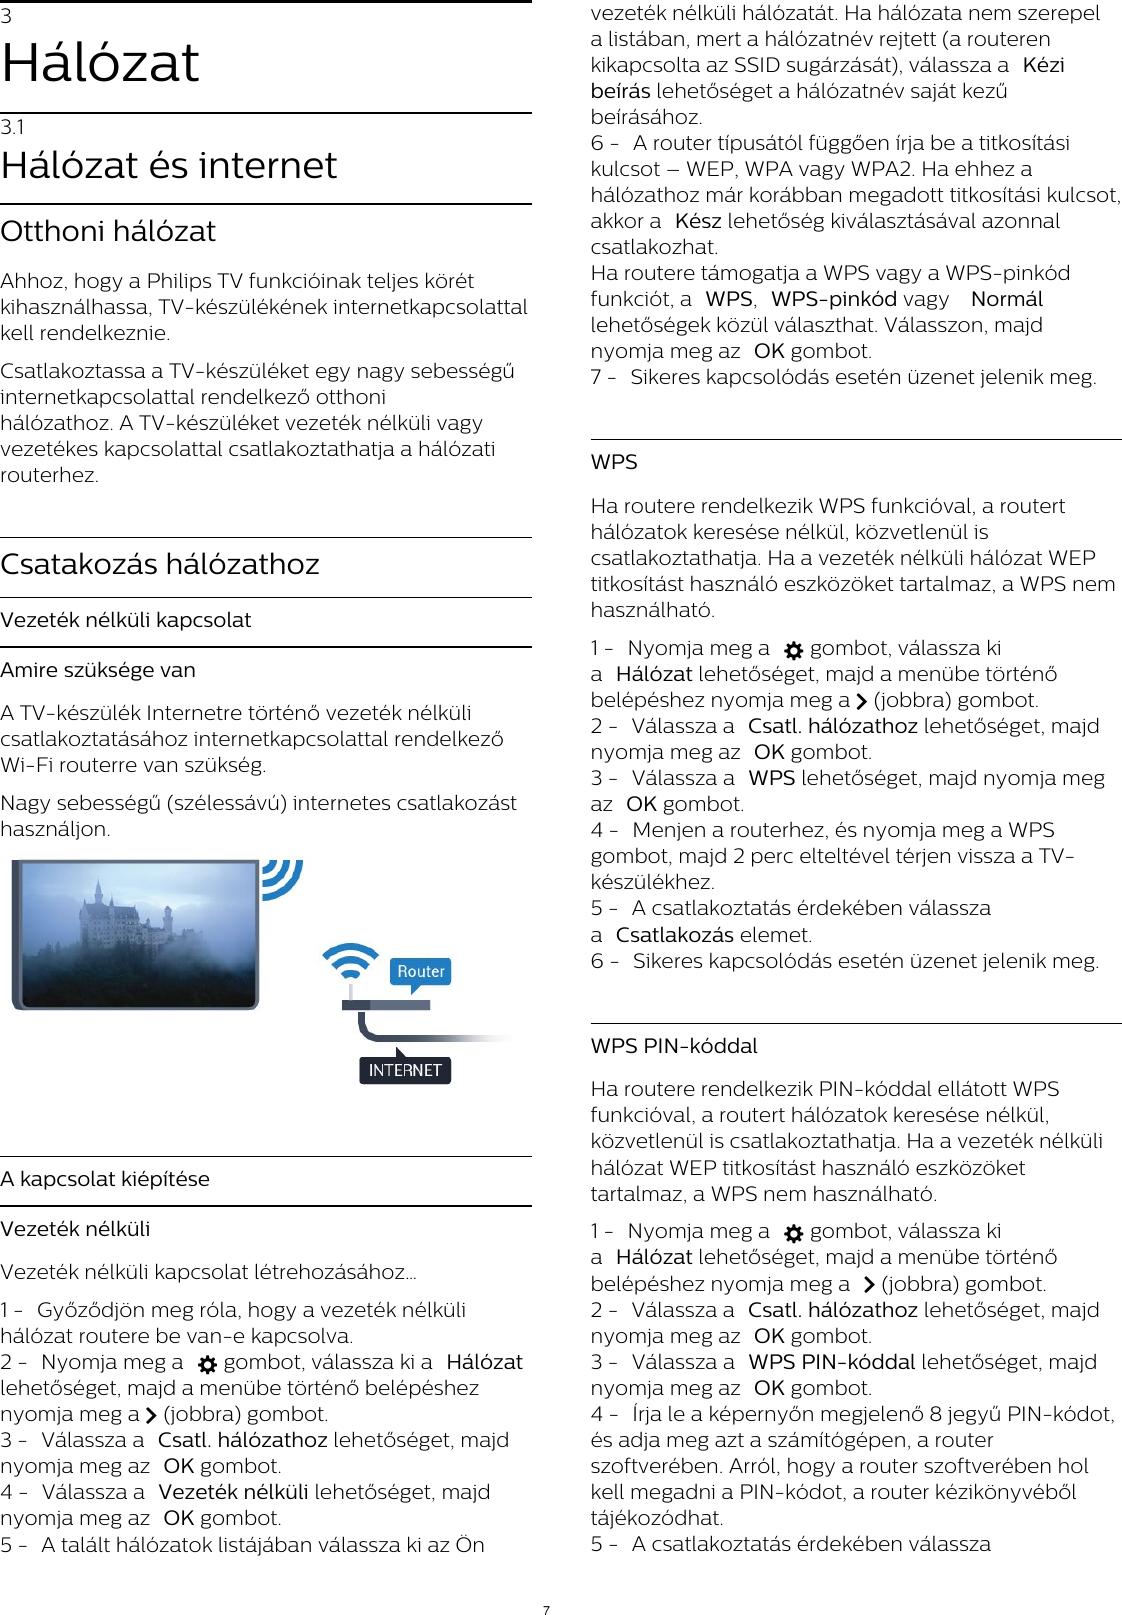 Halo 4 kampány online találat